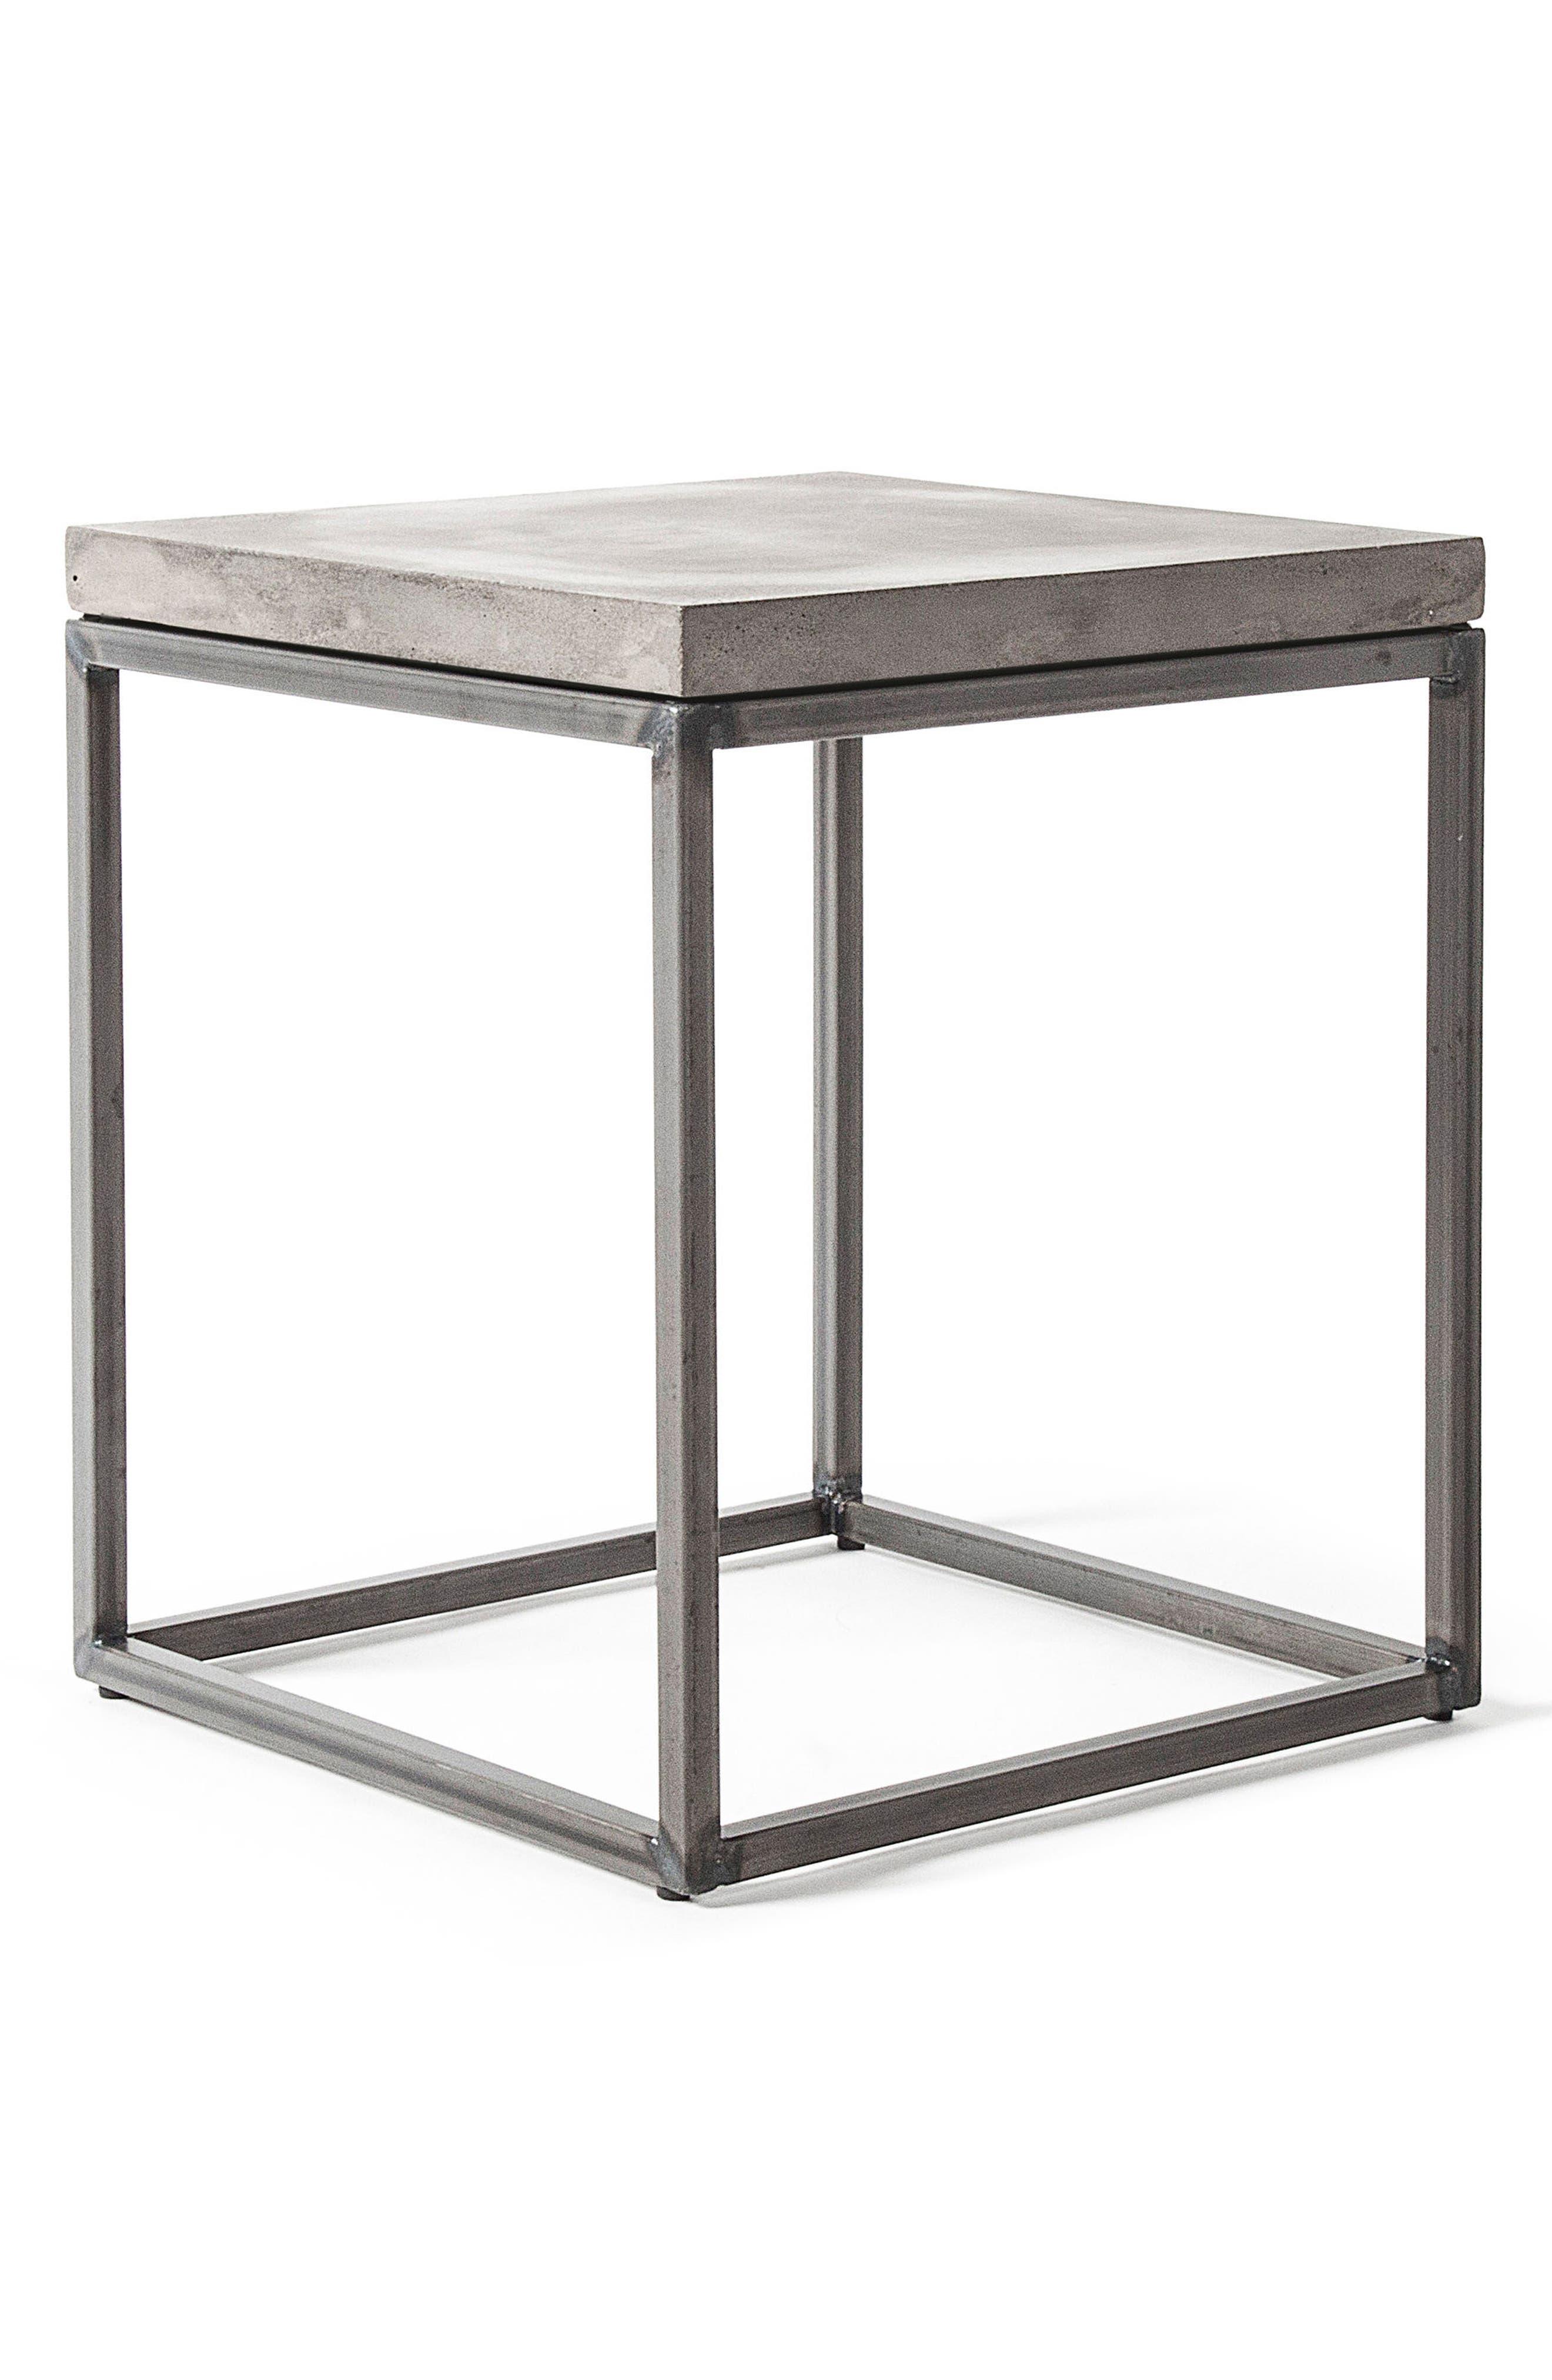 Lyon Béton Perspective Side Table,                             Alternate thumbnail 5, color,                             Cement